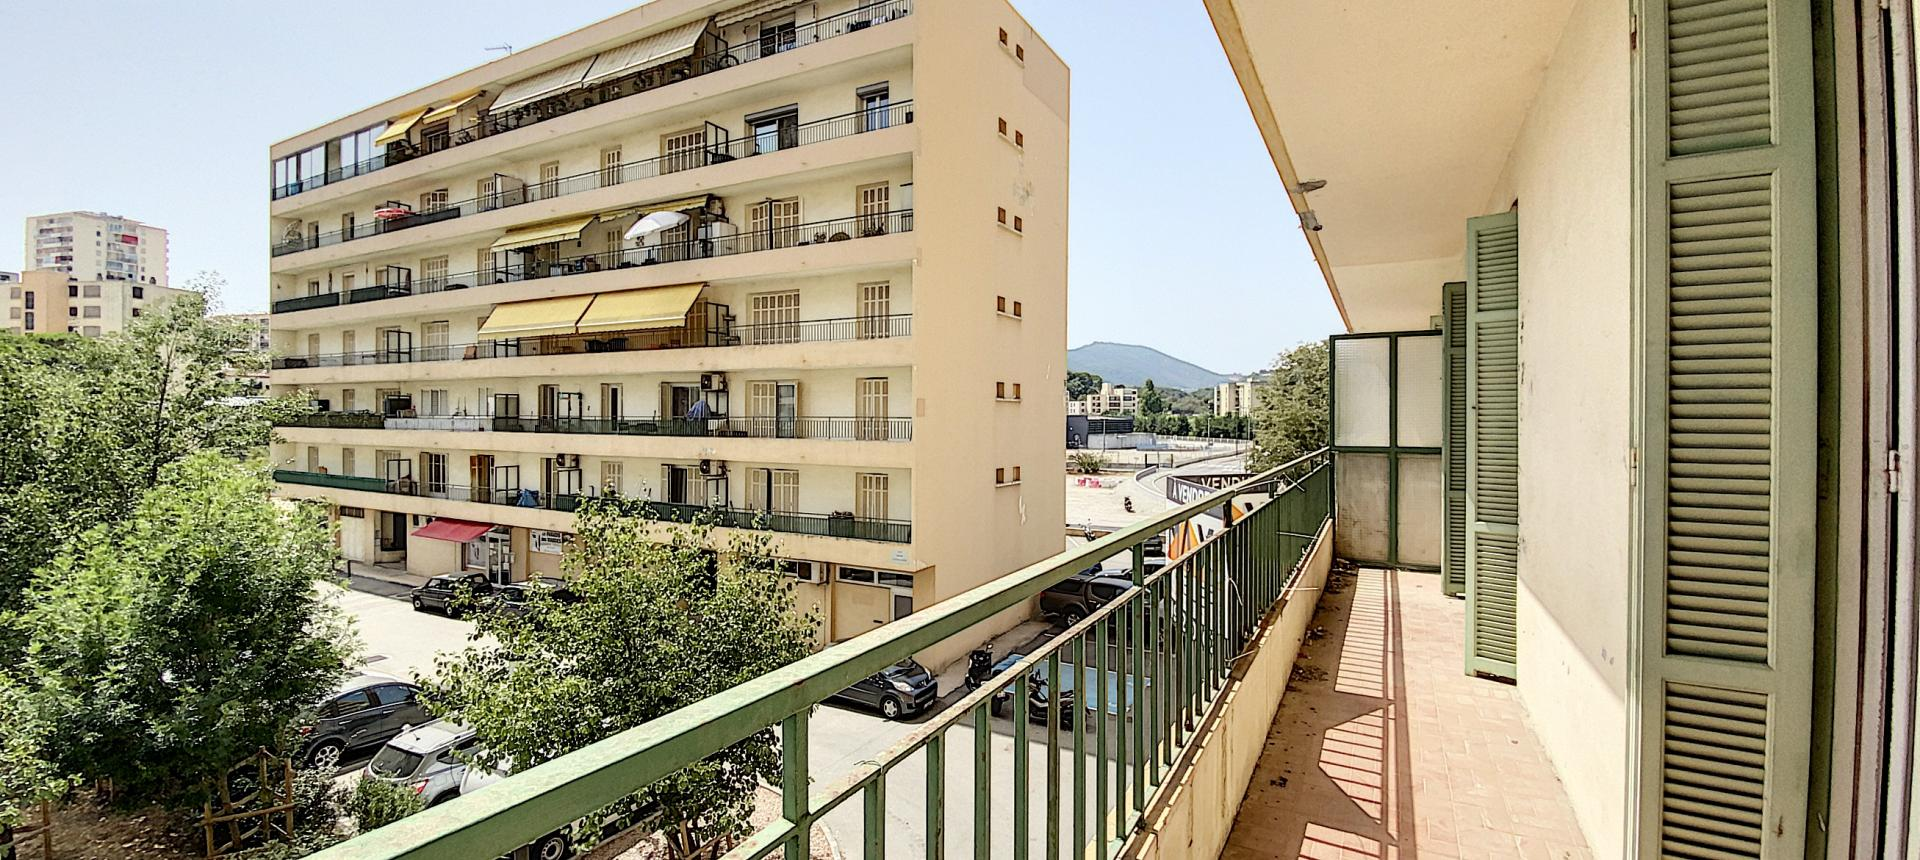 A vendre appartement F3 proche centre-ville - Vue extérieur balcon 1